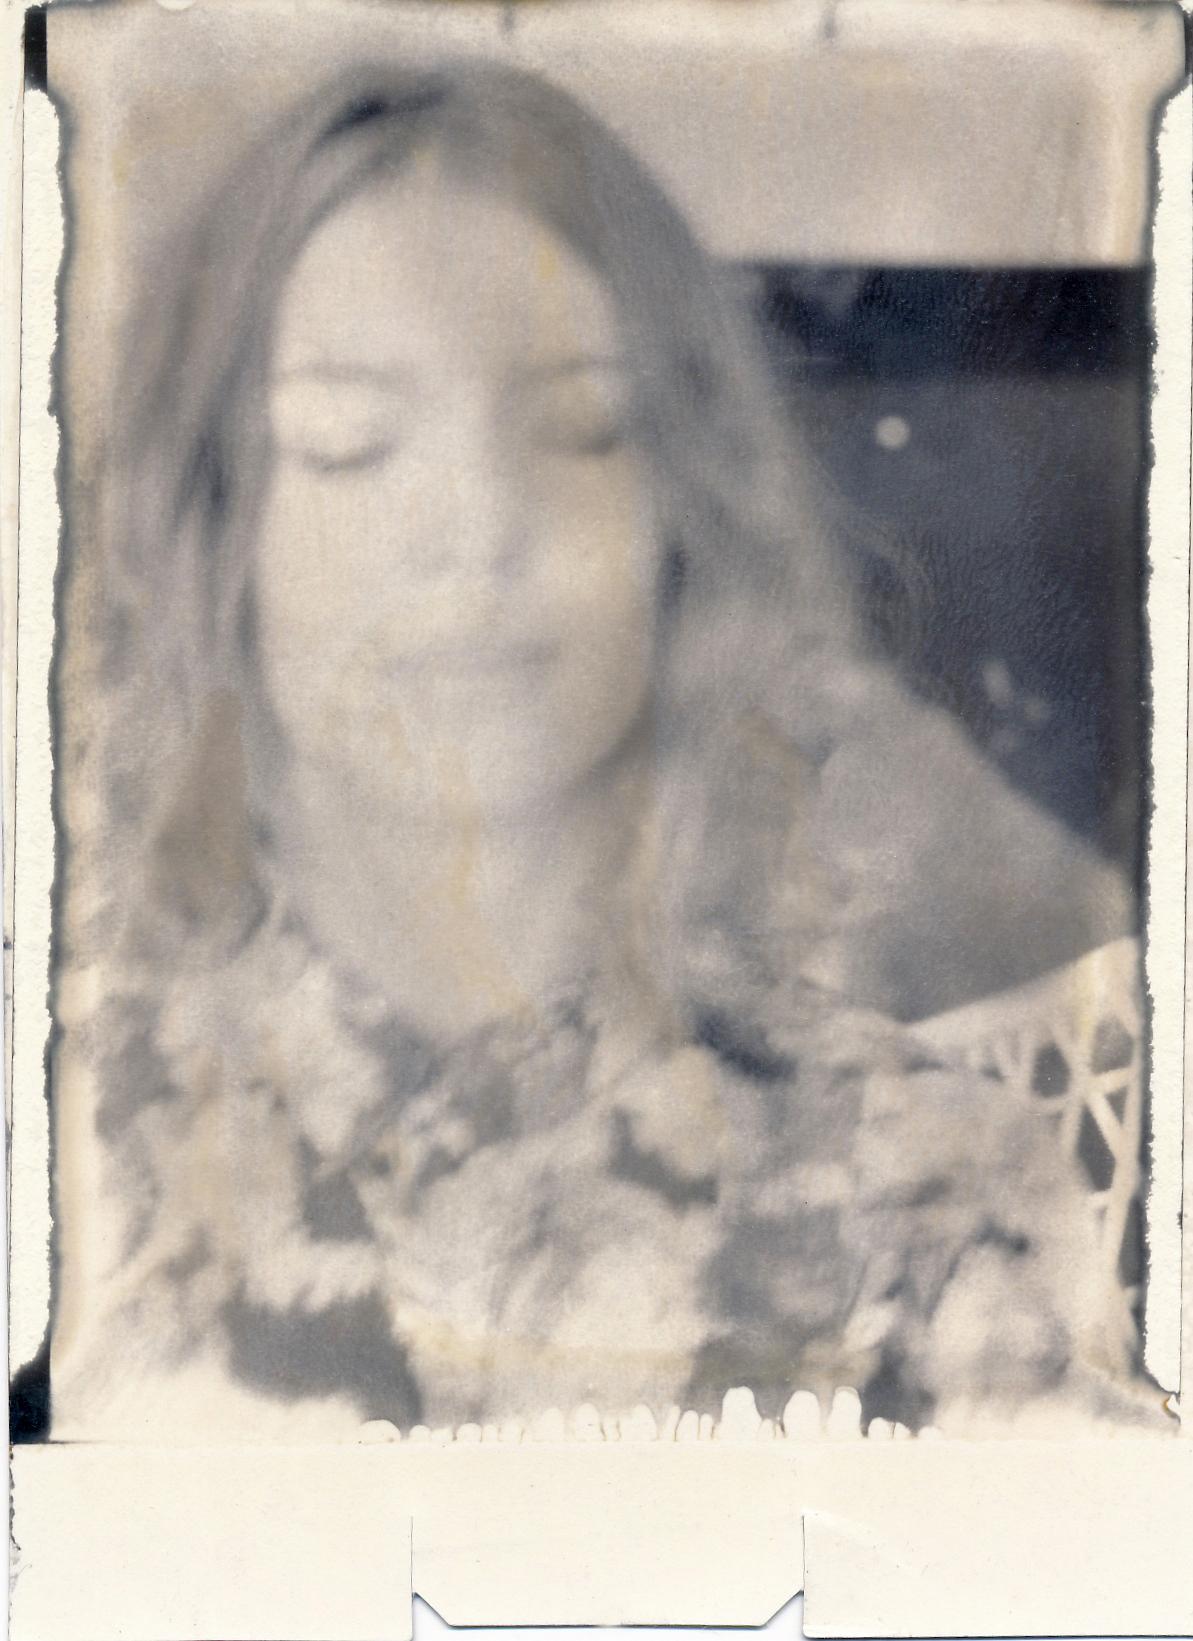 Alyssa-1_contrast.jpg